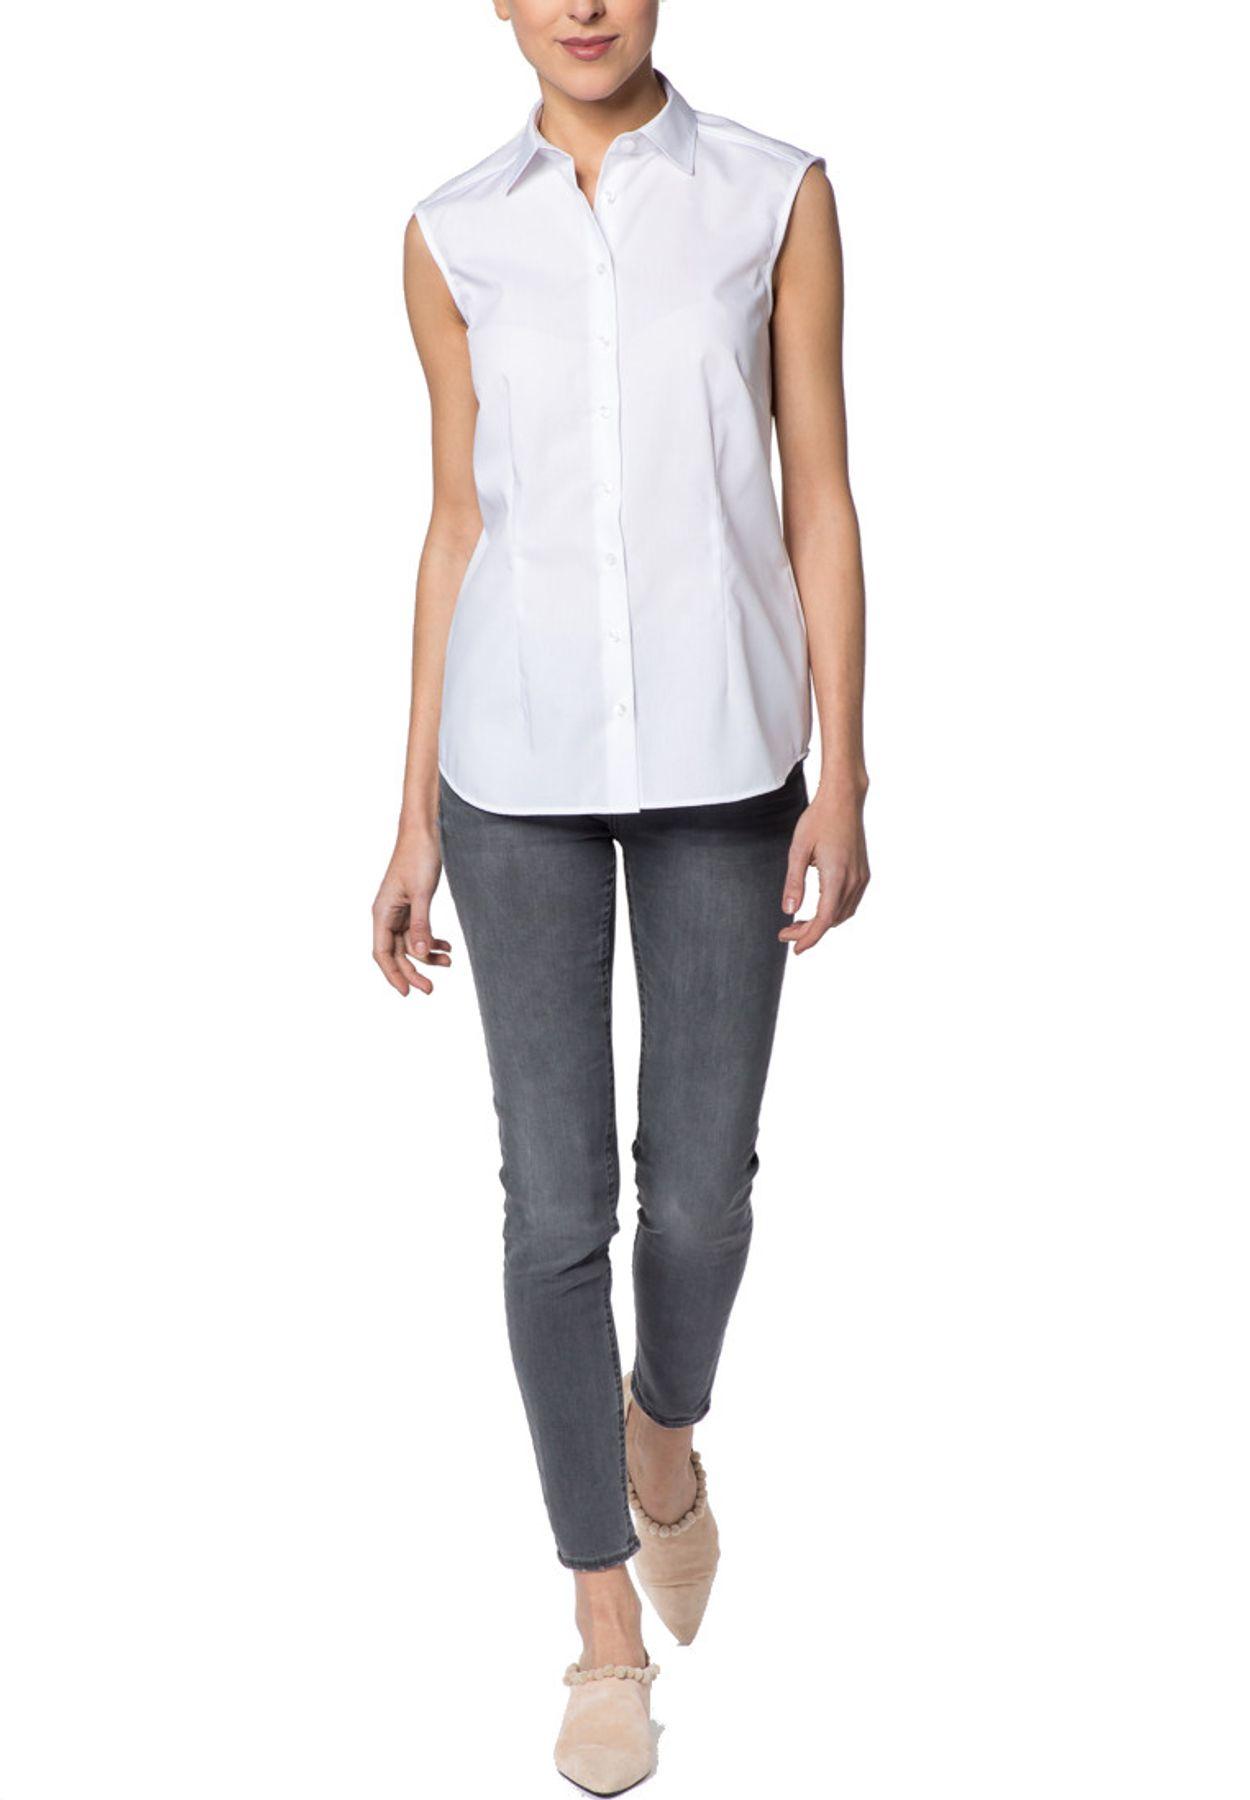 Eterna -  Comfort-Fit - Bügelfreie Damen Bluse ohne Arm in Weiß, Hellblau oder Rosa (5220 A790) – Bild 13